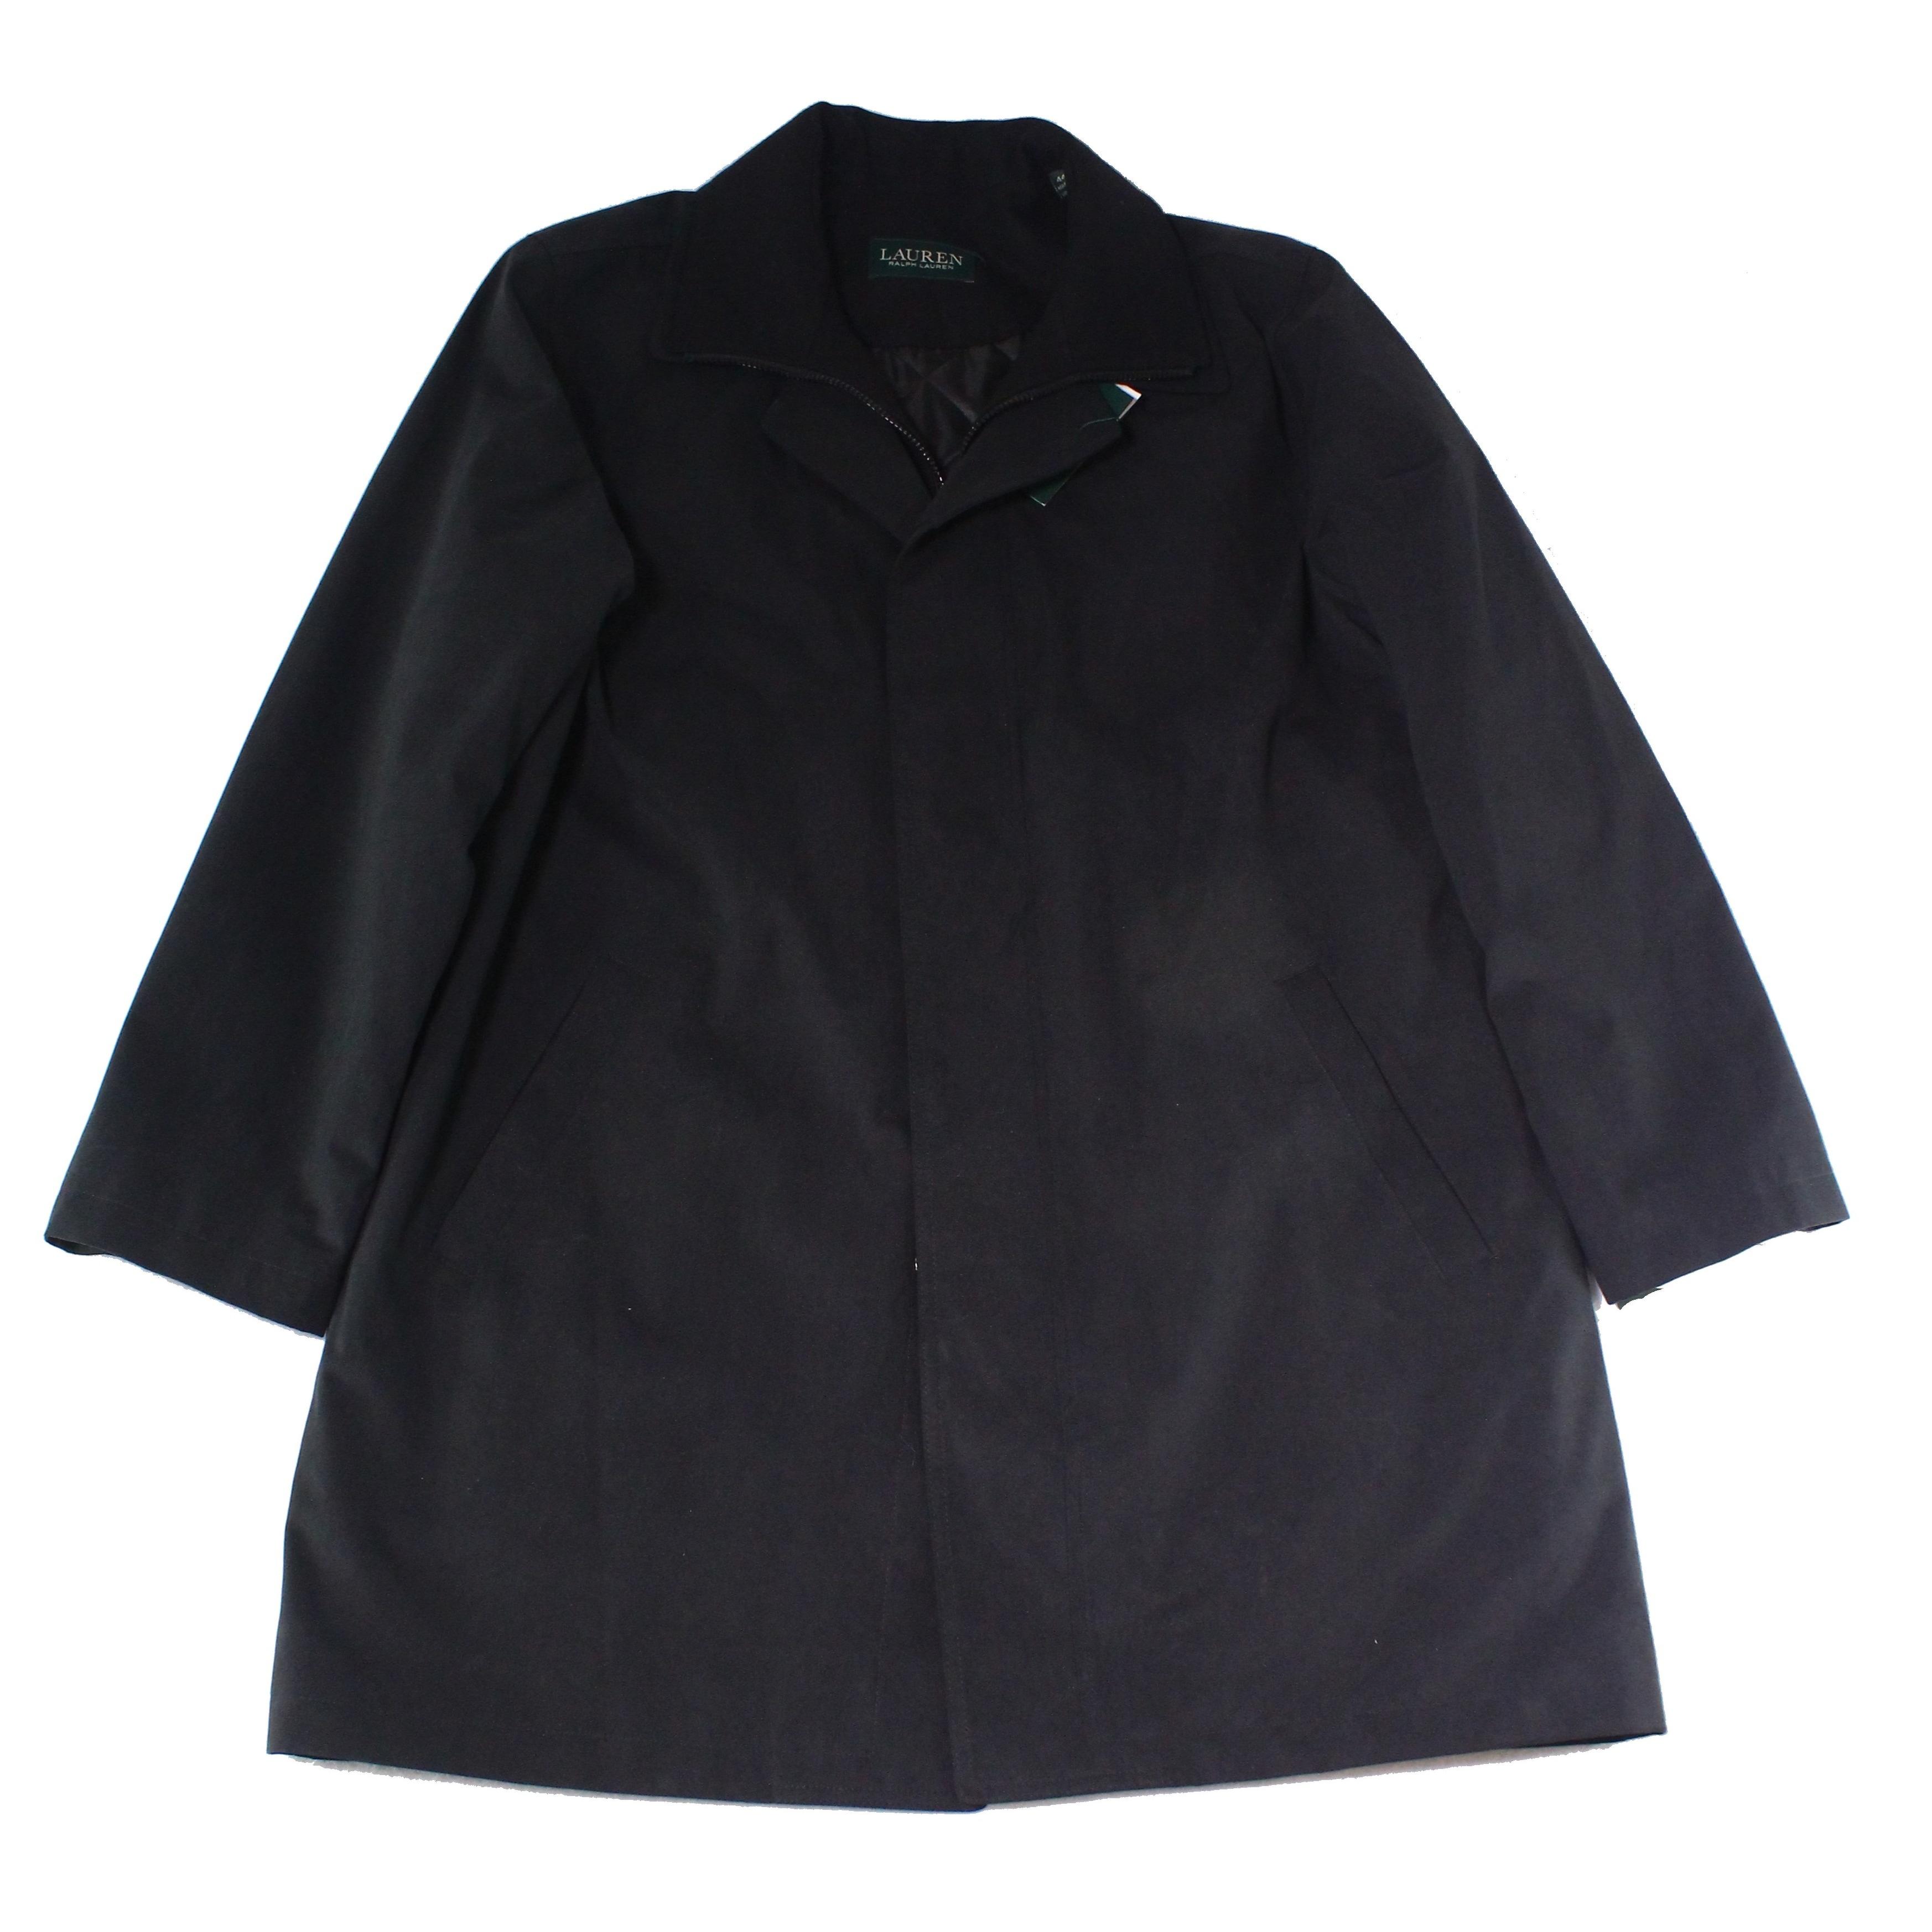 aff28243 Lauren By Ralph Lauren Black Mens Size 38R Solid Trench Coat